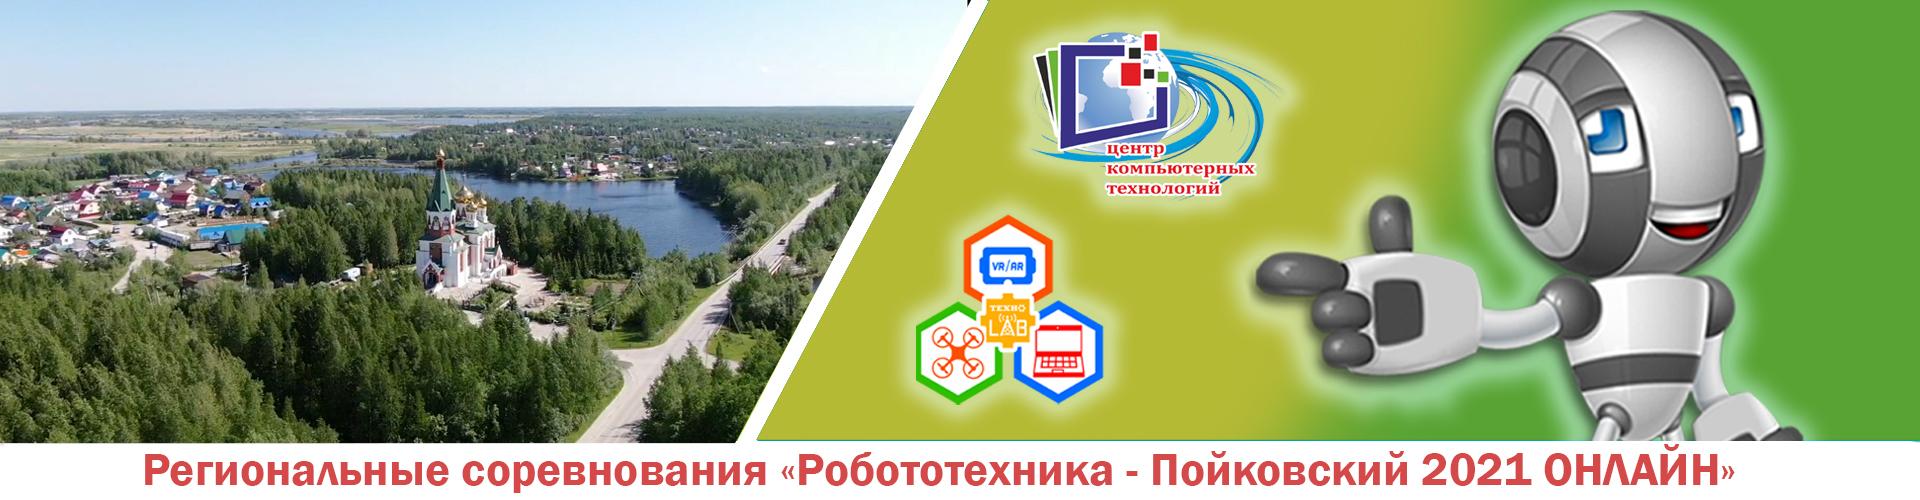 Робототехника-Пойковский